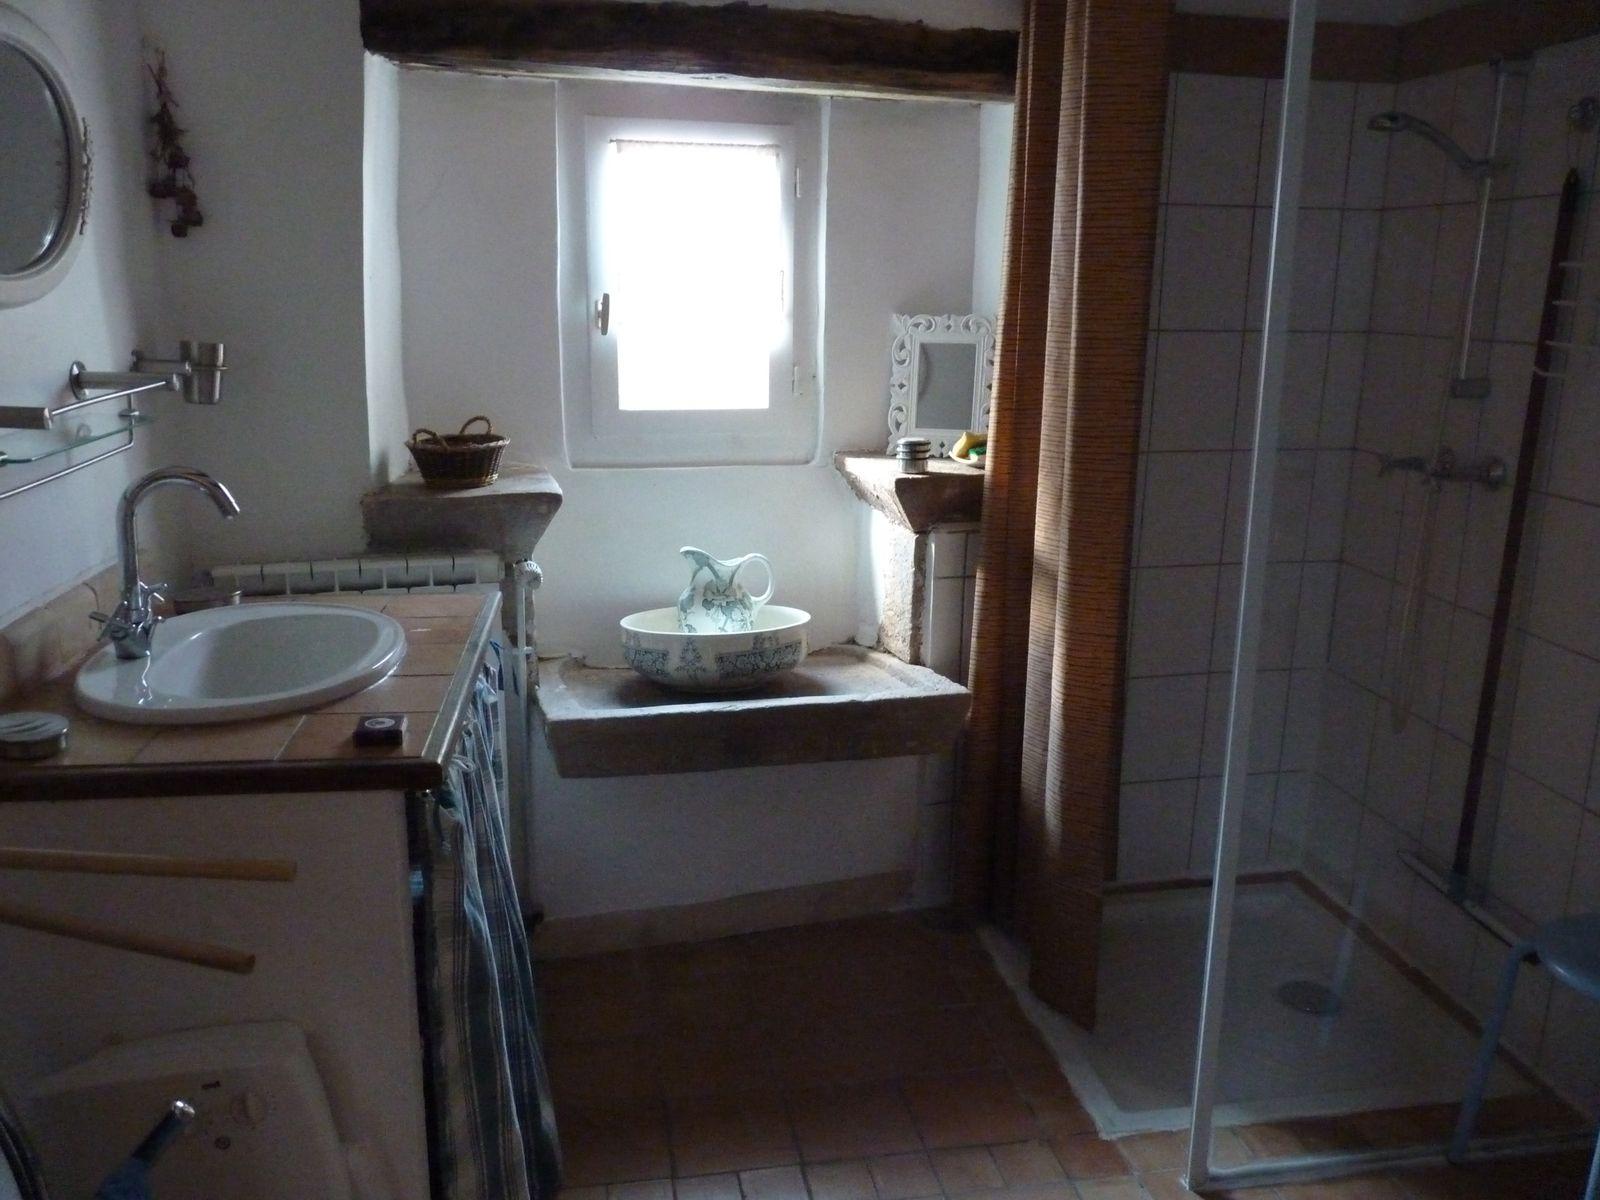 salle d'eau du premier avec wc, la salle de bains avec wc  est au rez de chaussée.